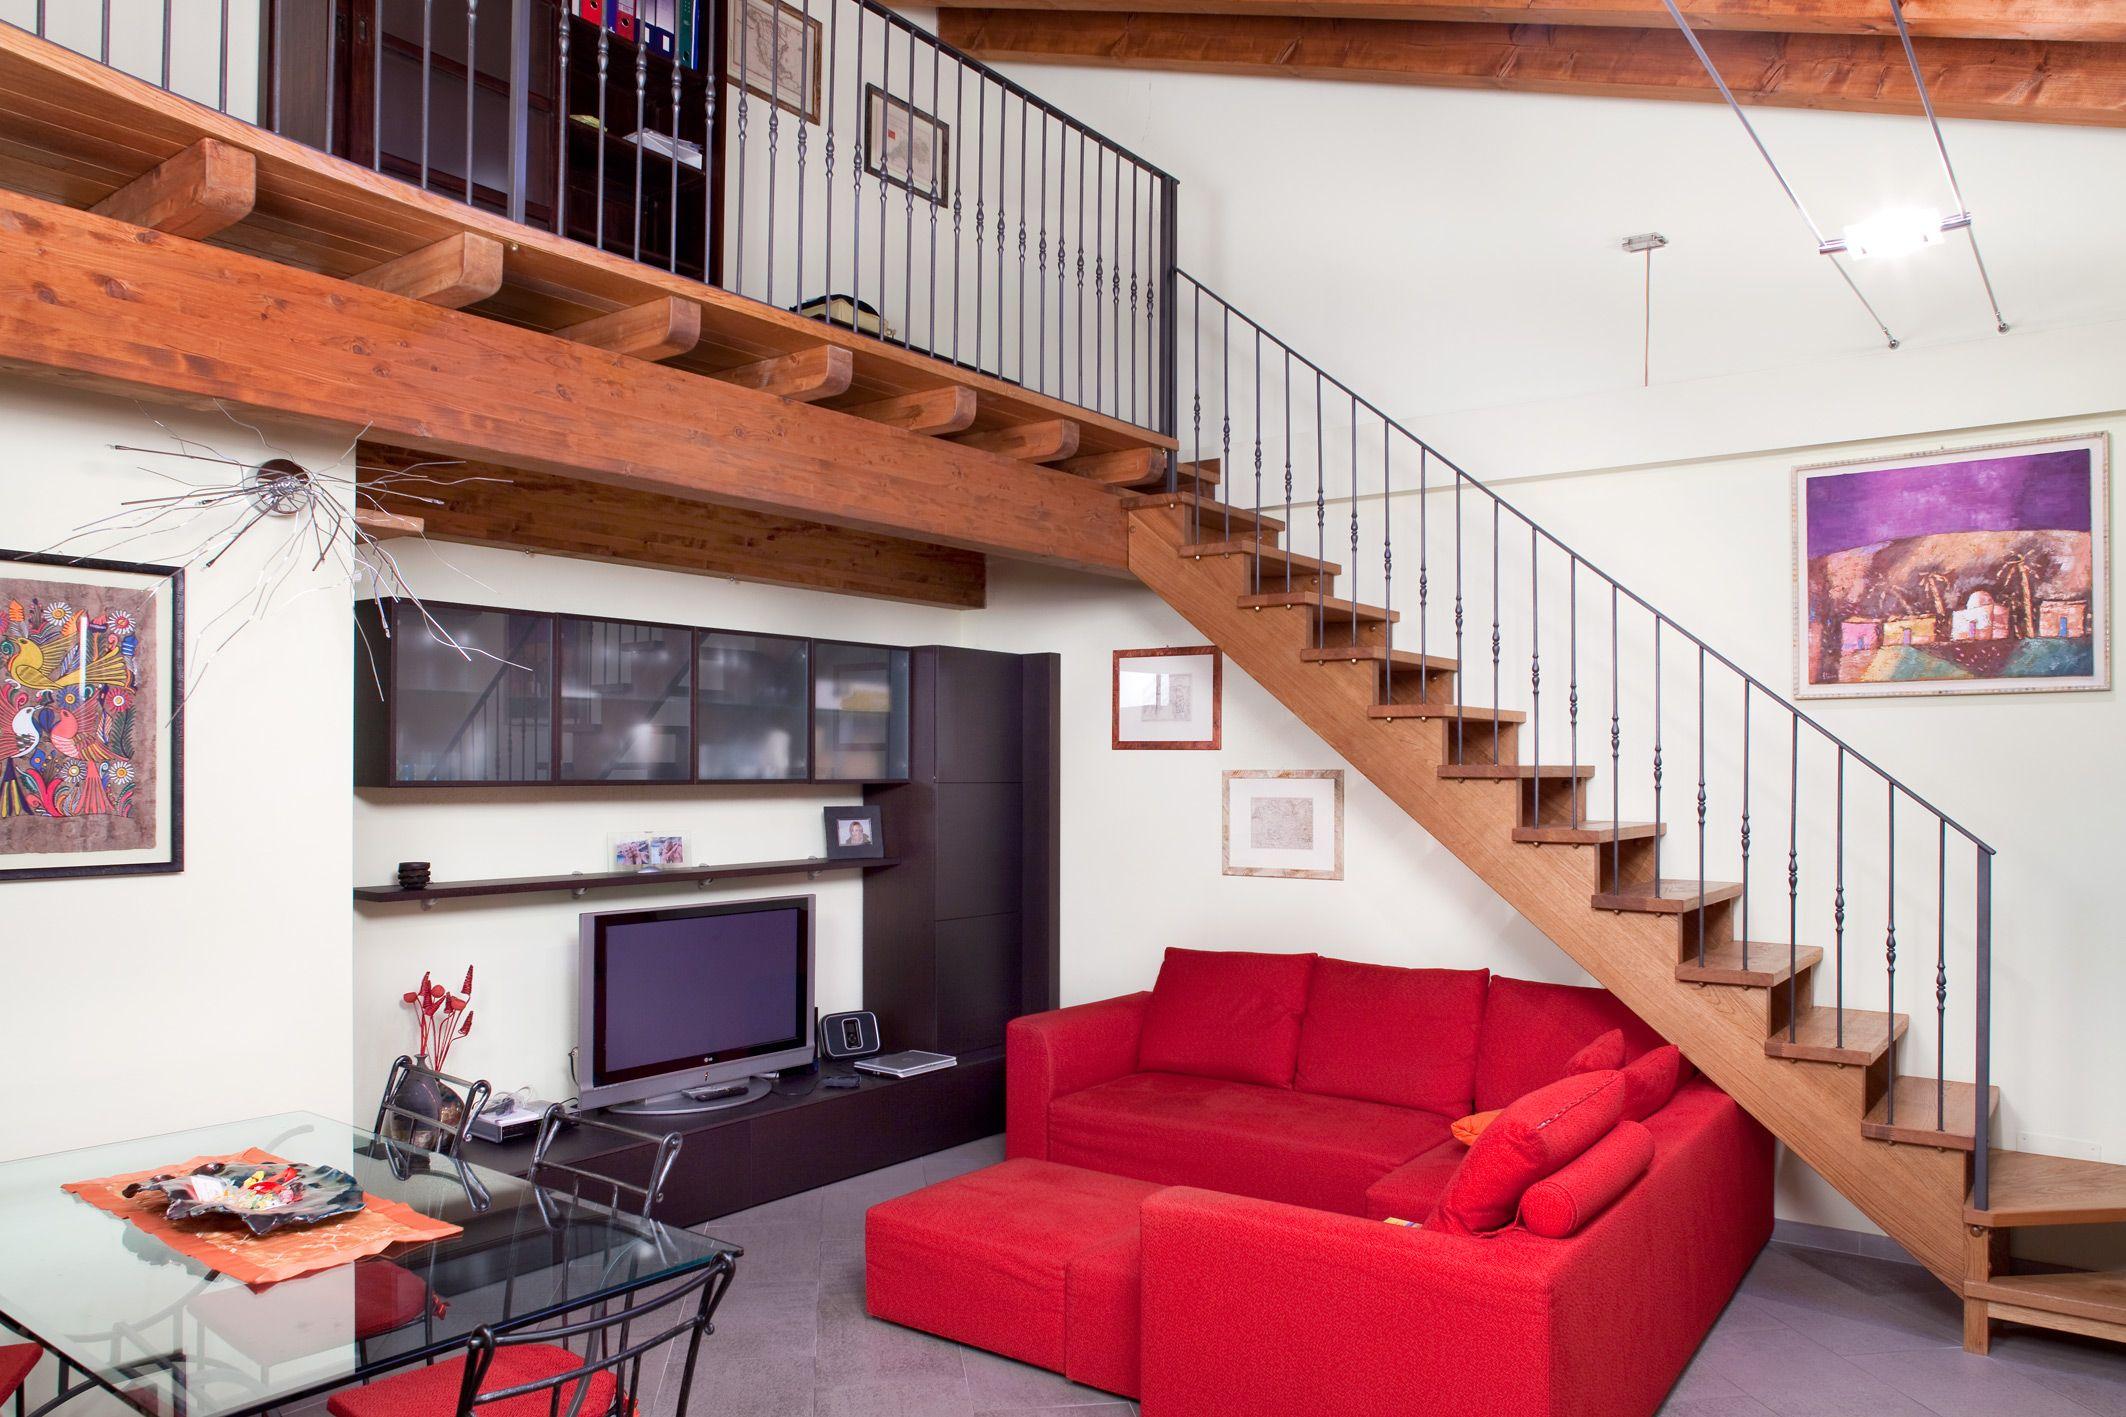 Letto A Soppalco In Ferro soppalco con struttura in legno e scala per interni in